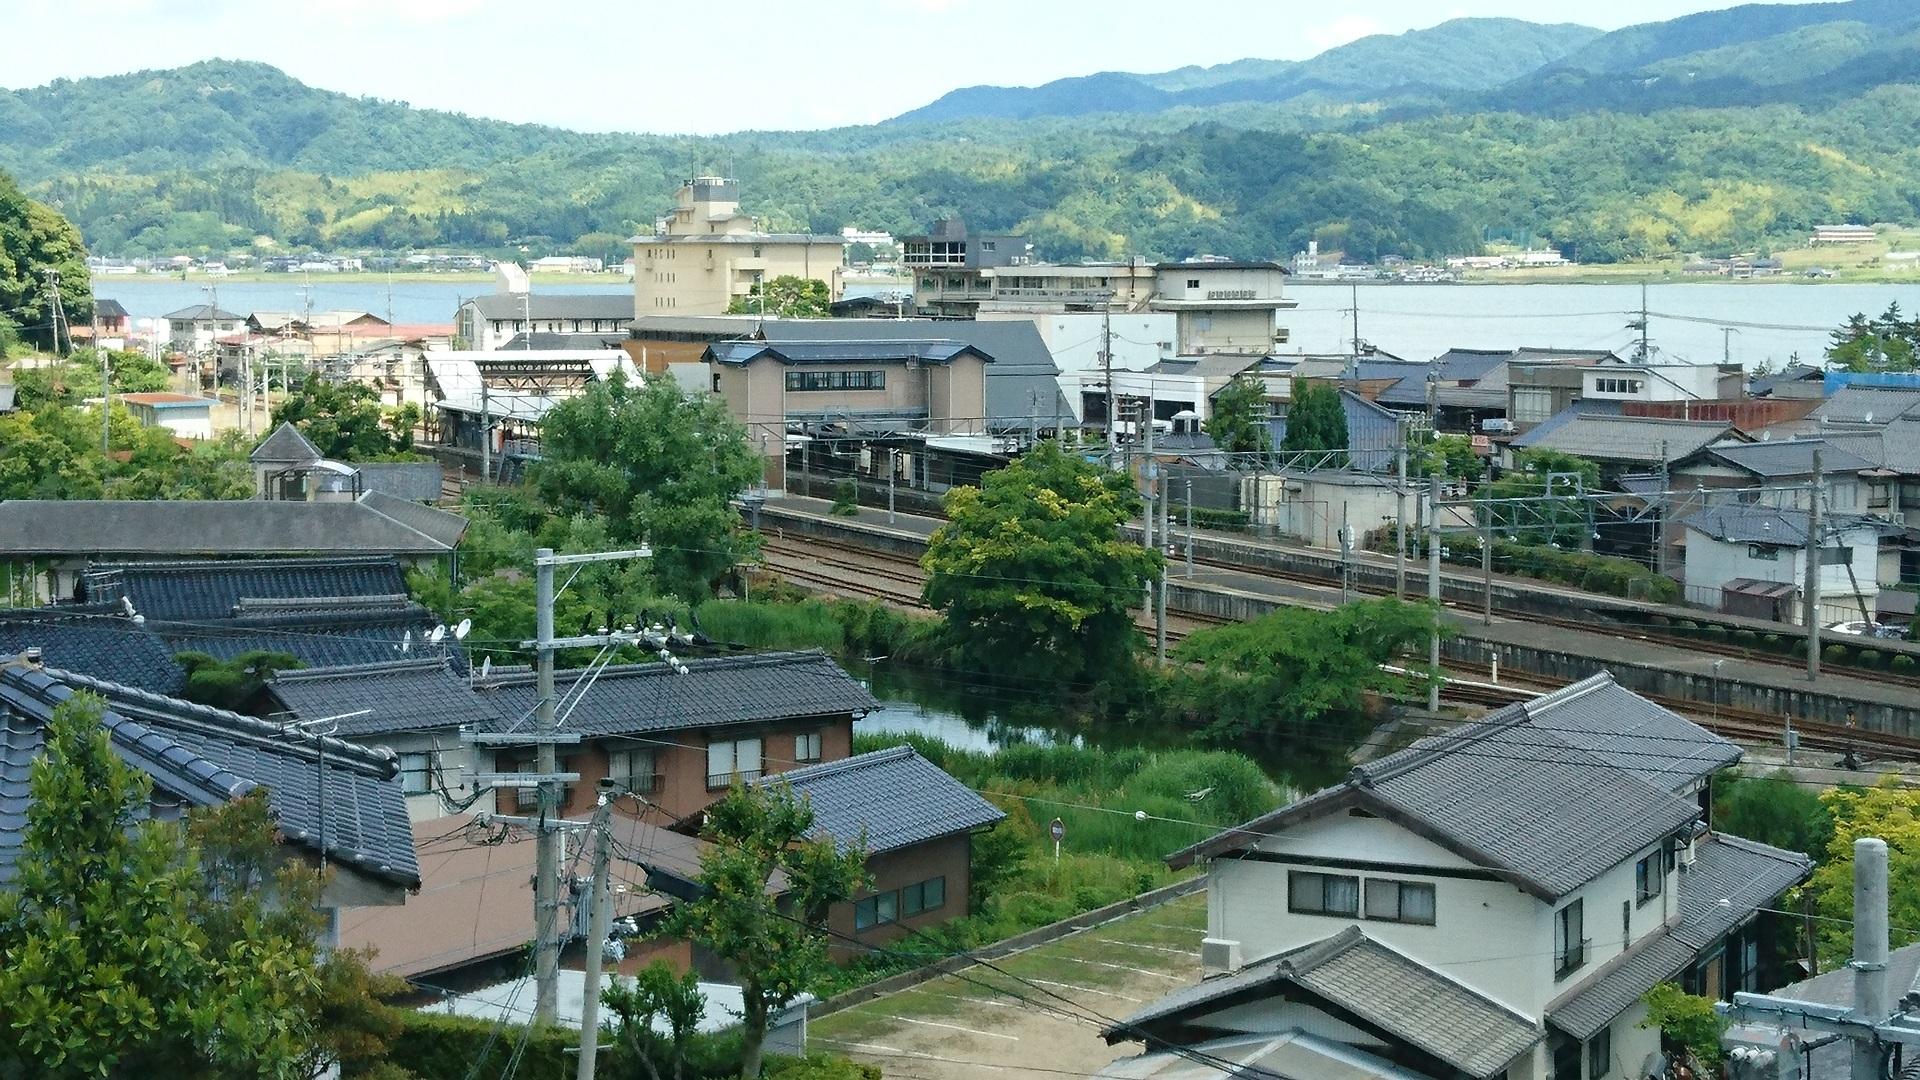 2017.6.4 天橋立 (53) ロープヱー 04 1920-1080